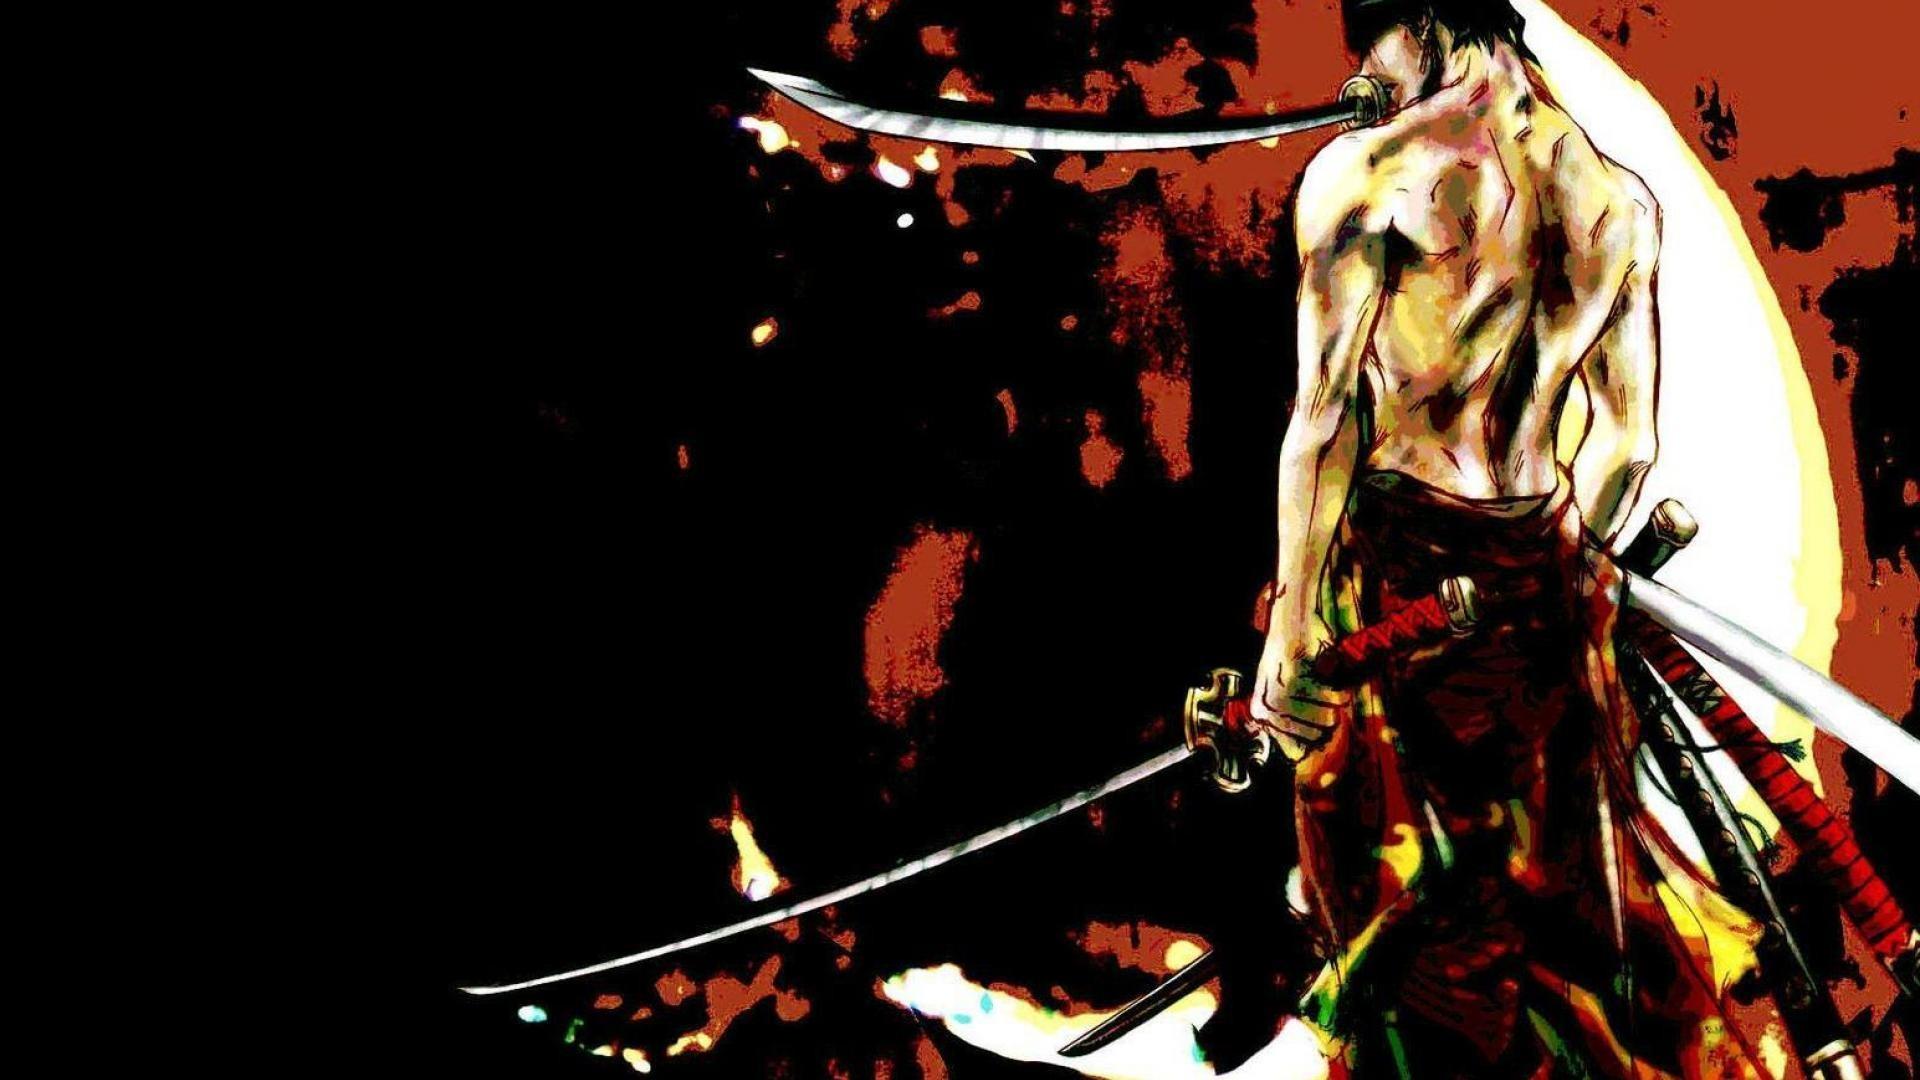 Zoro One Piece   Src New One Piece Zoro Wallpaper Screen - Anime Wallpaper Zoro One Piece - HD Wallpaper